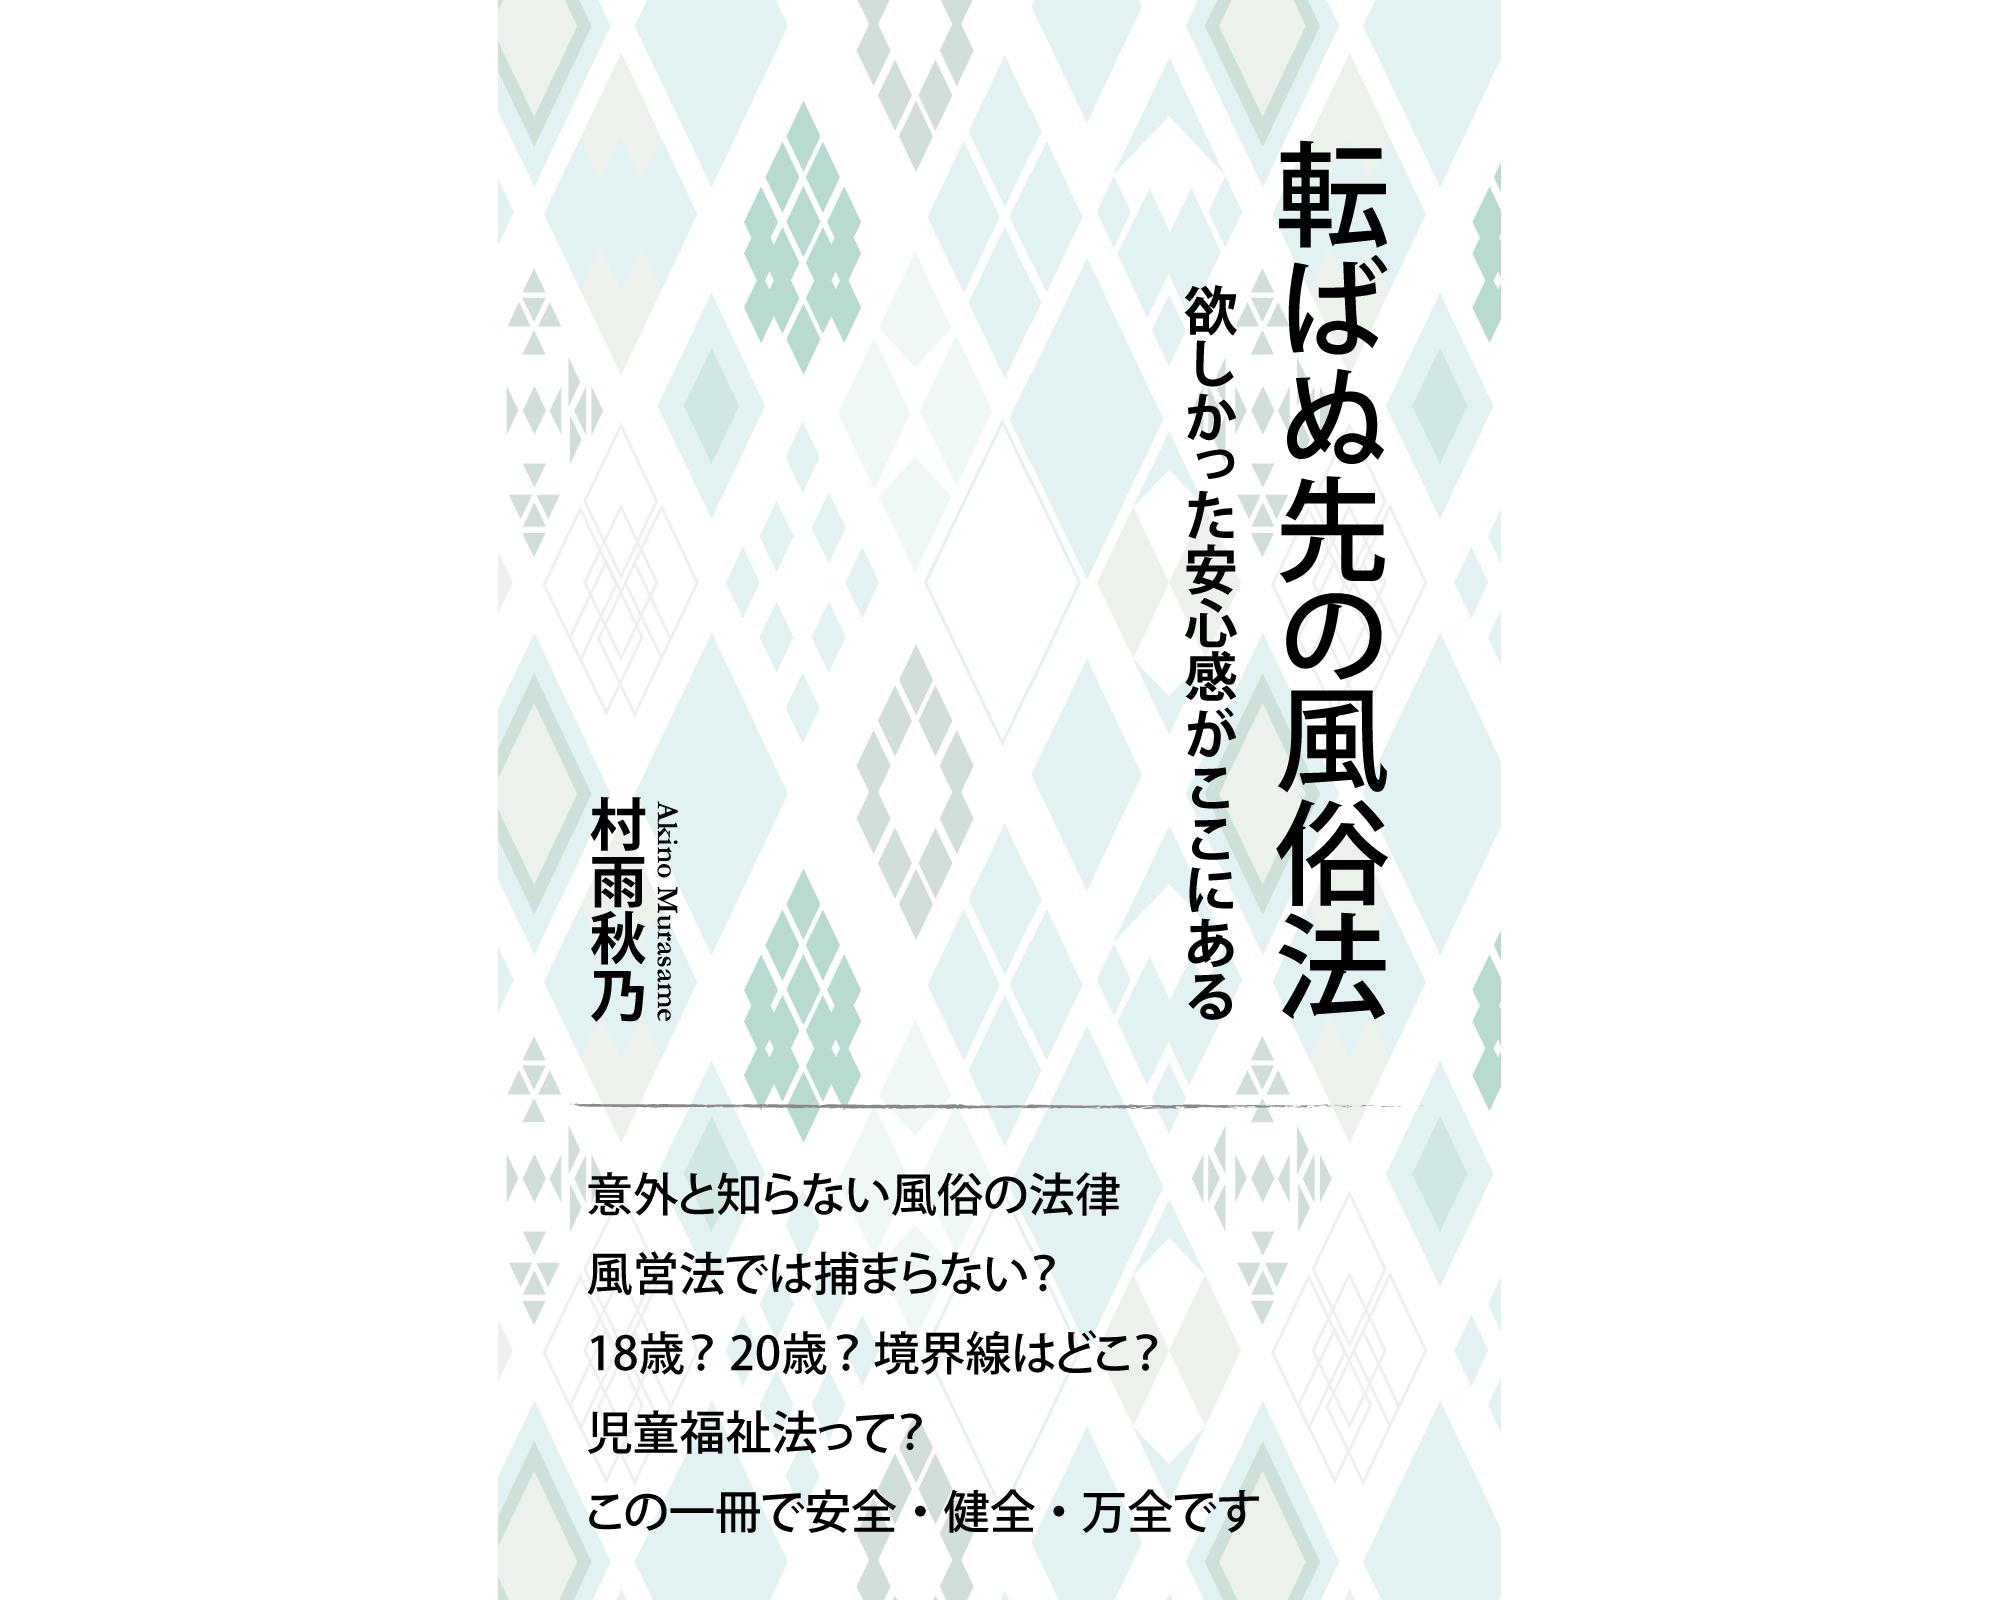 『転ばぬ先の風俗法』の表紙